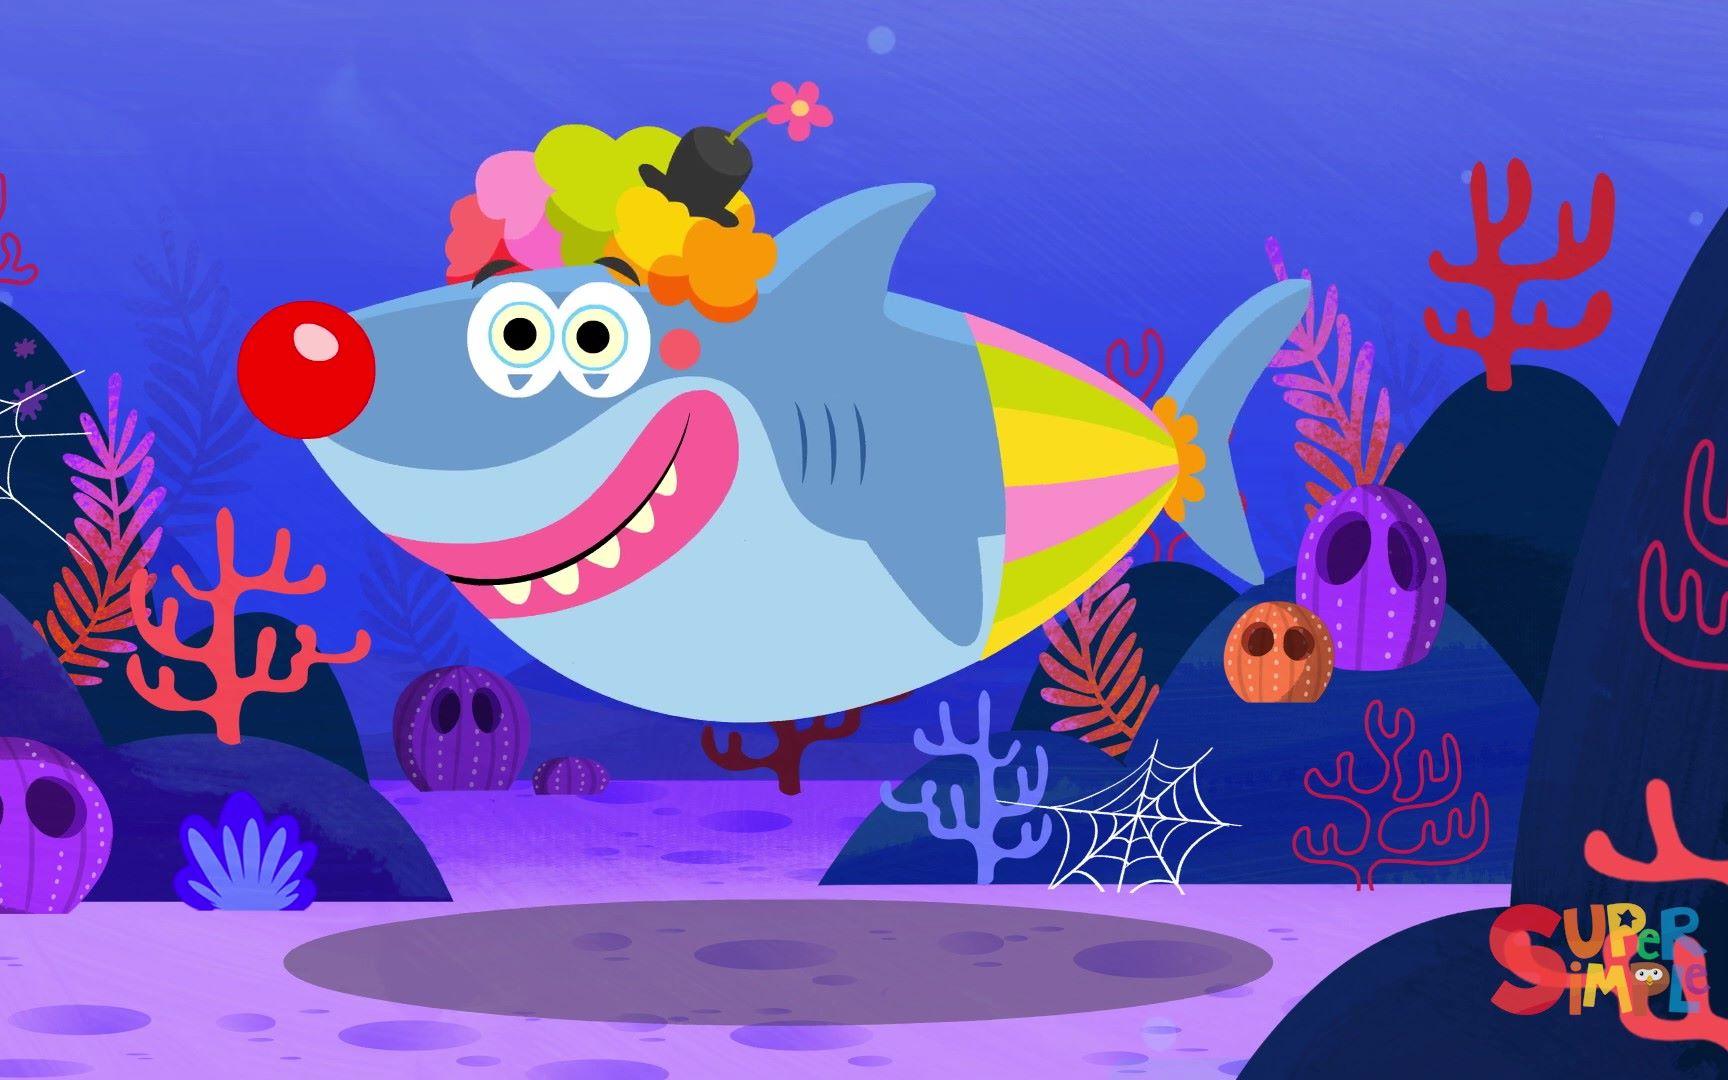 萬圣節鯊魚寶寶「Baby Shark Halloween」チビザメ ハロウィン こどものうた   Super Simple 日本語_嗶哩嗶哩 (゜-゜)つ ...